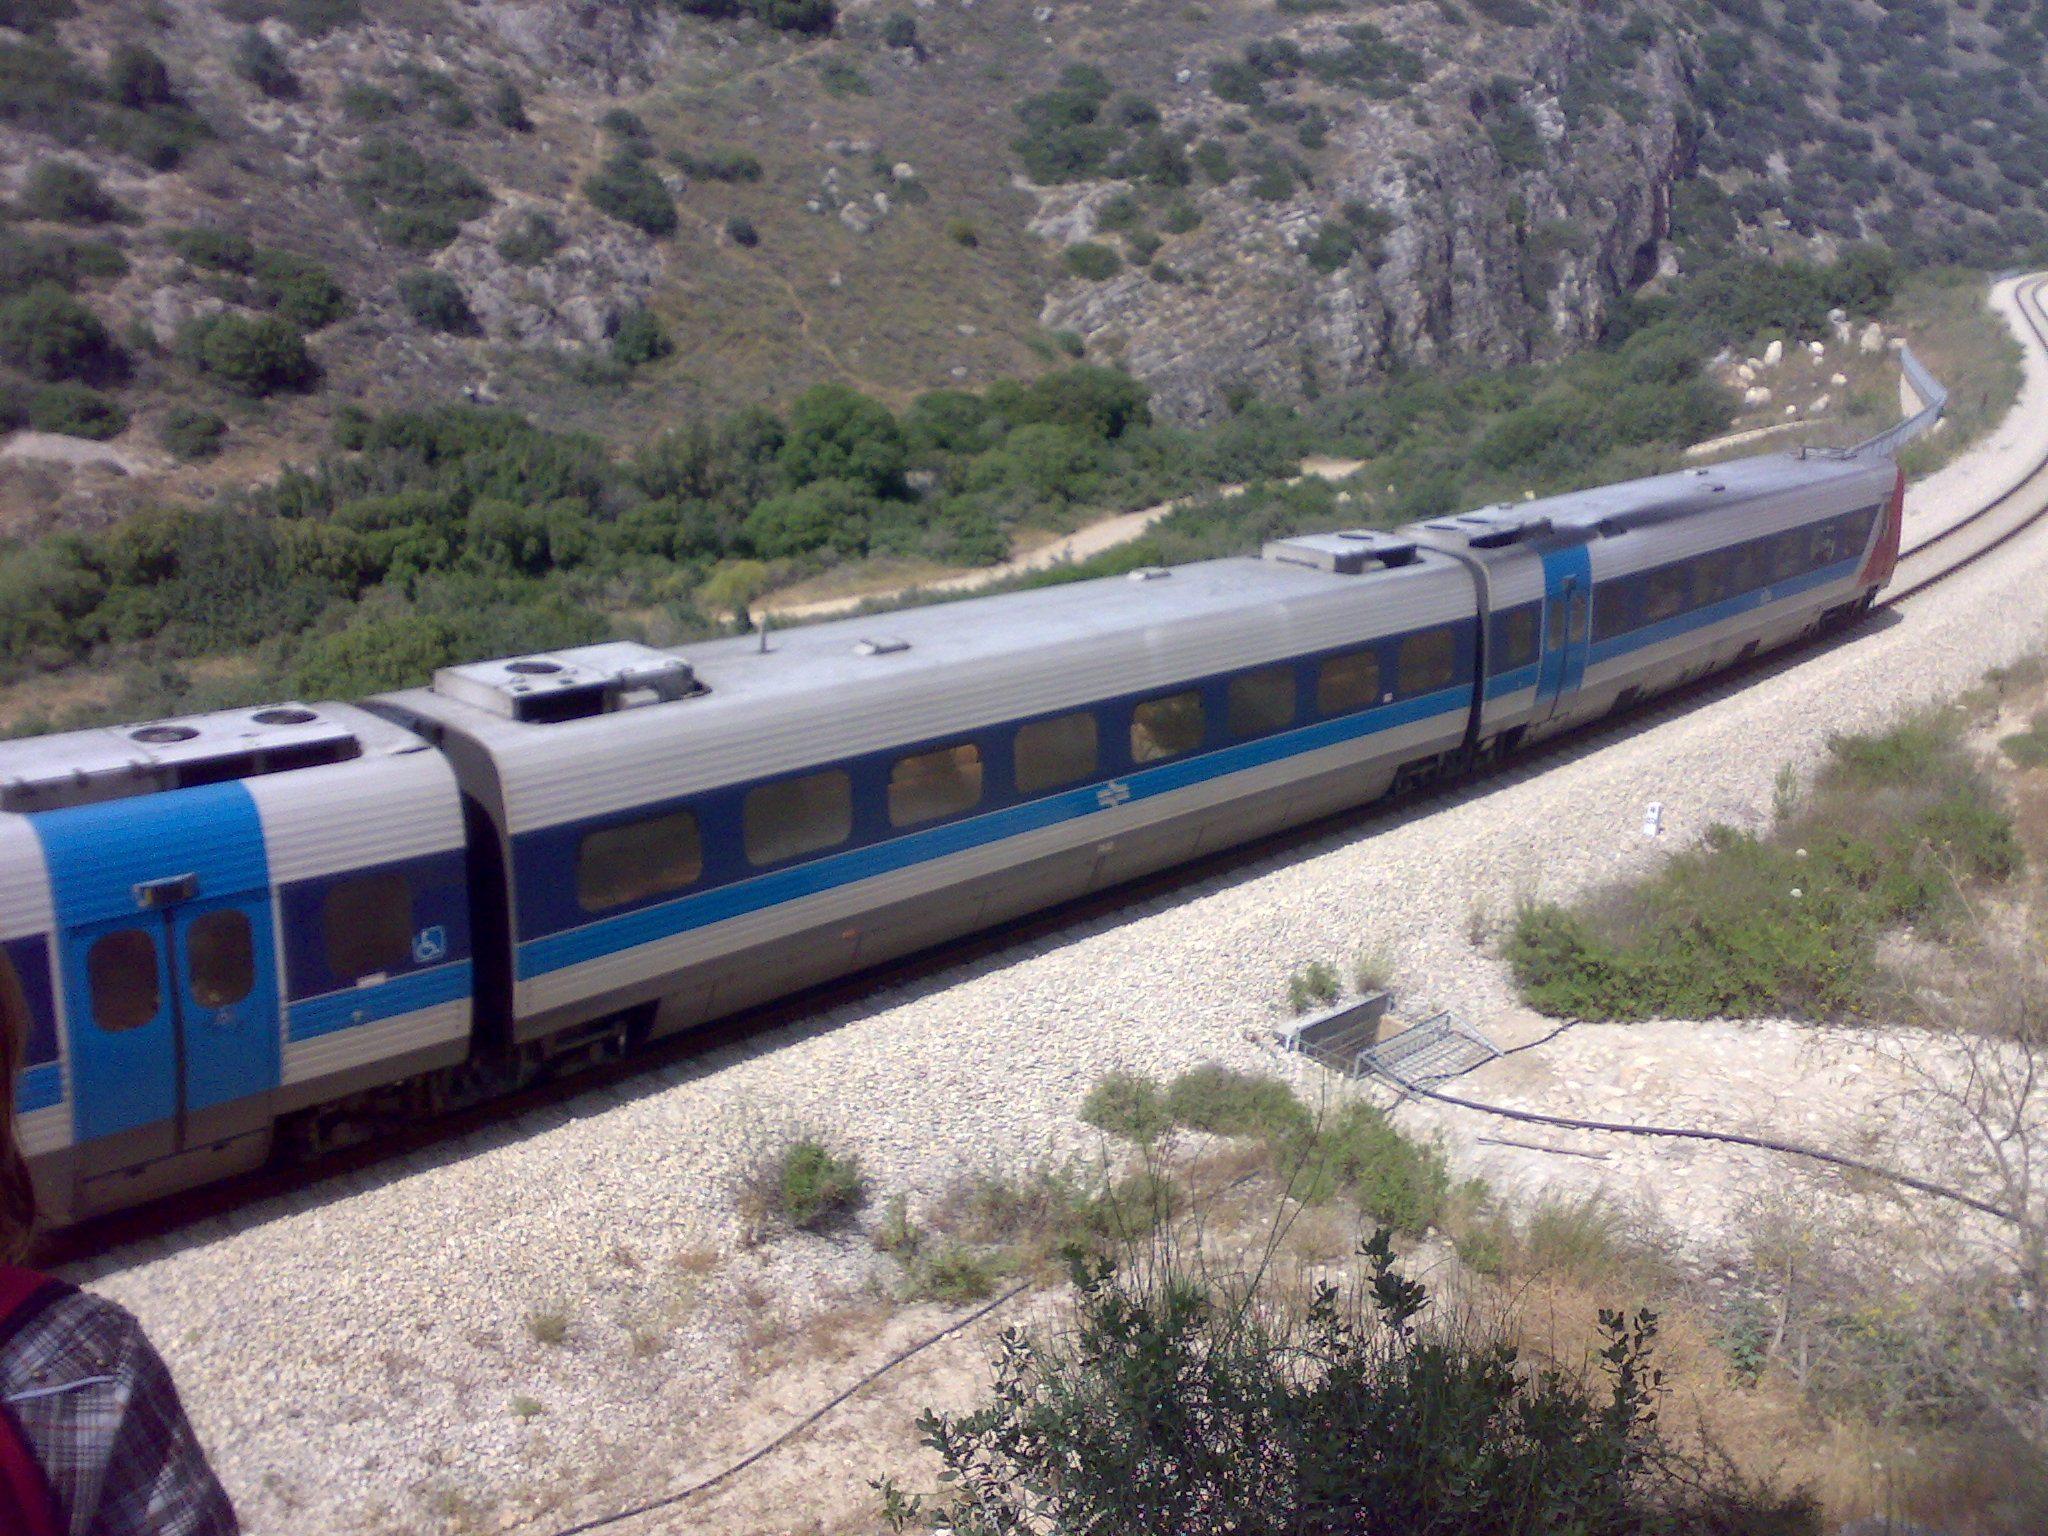 רכבת בית שמש-ירושלים לאורך נחל שורק